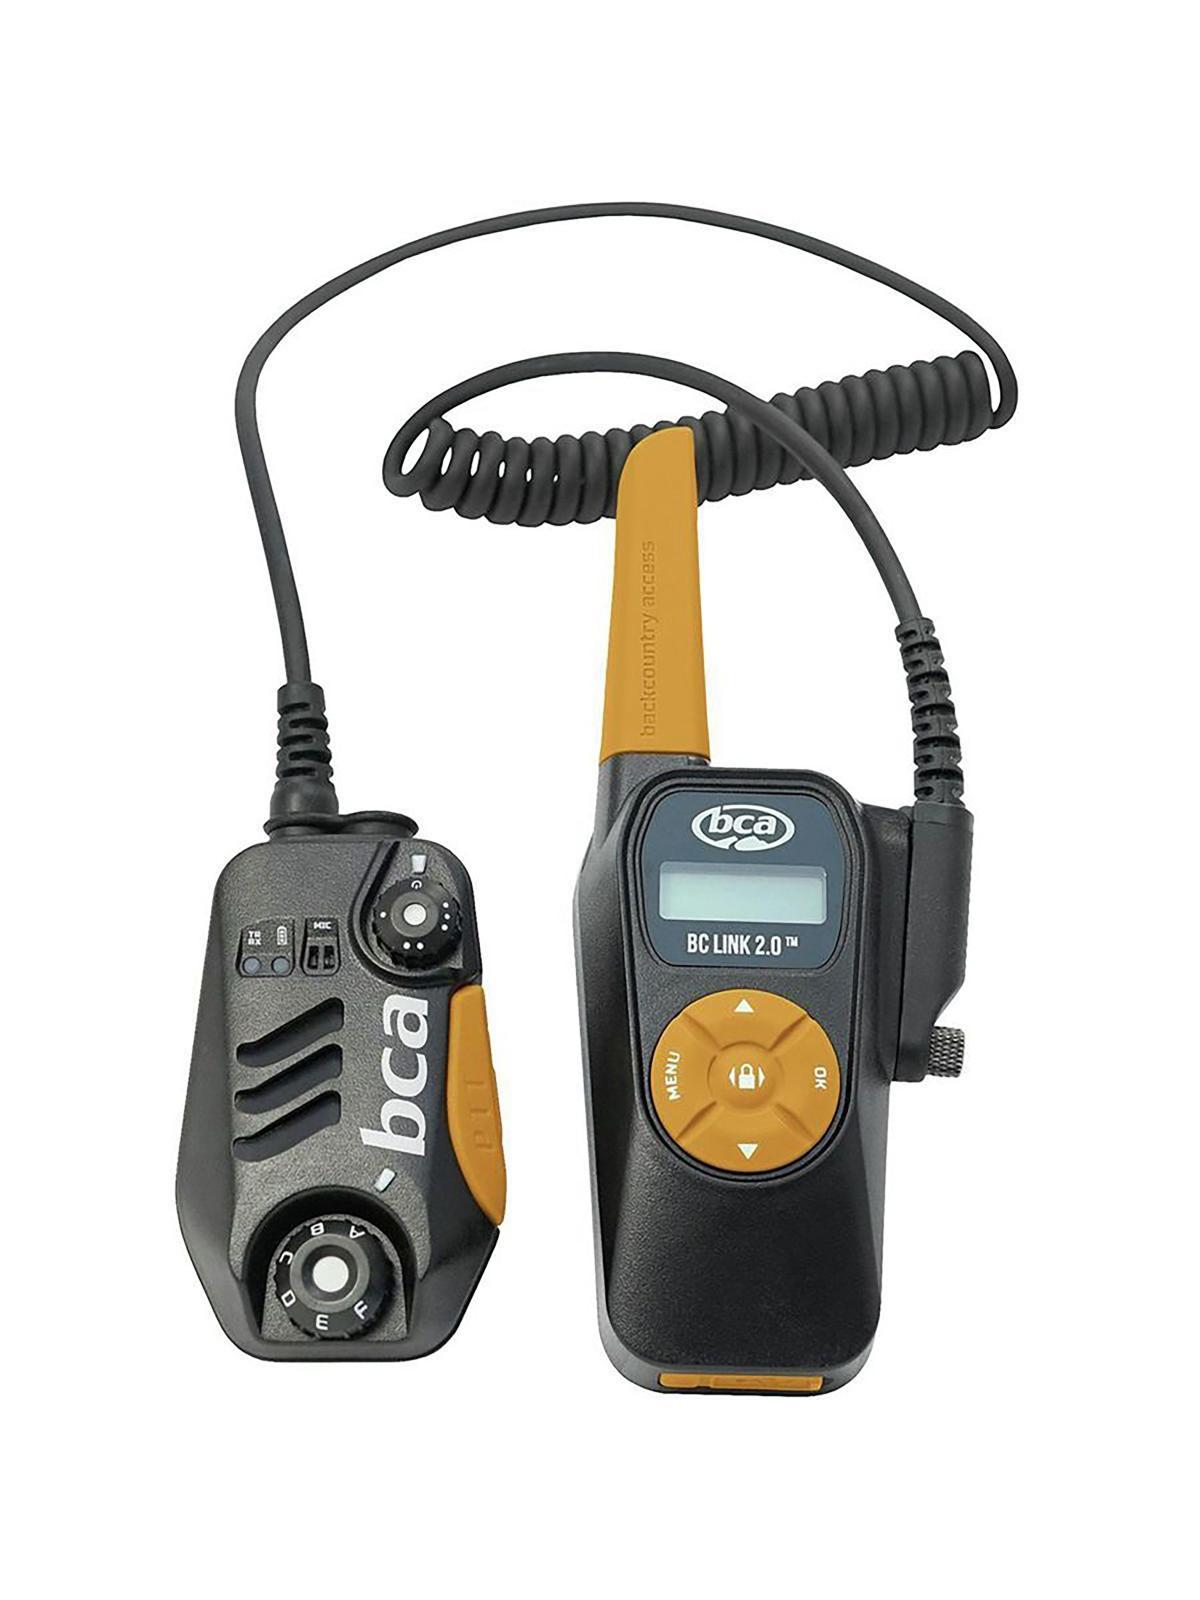 Bca Click Individual : click, individual, Link™, Two-Way, Radio, Backcountry, Access